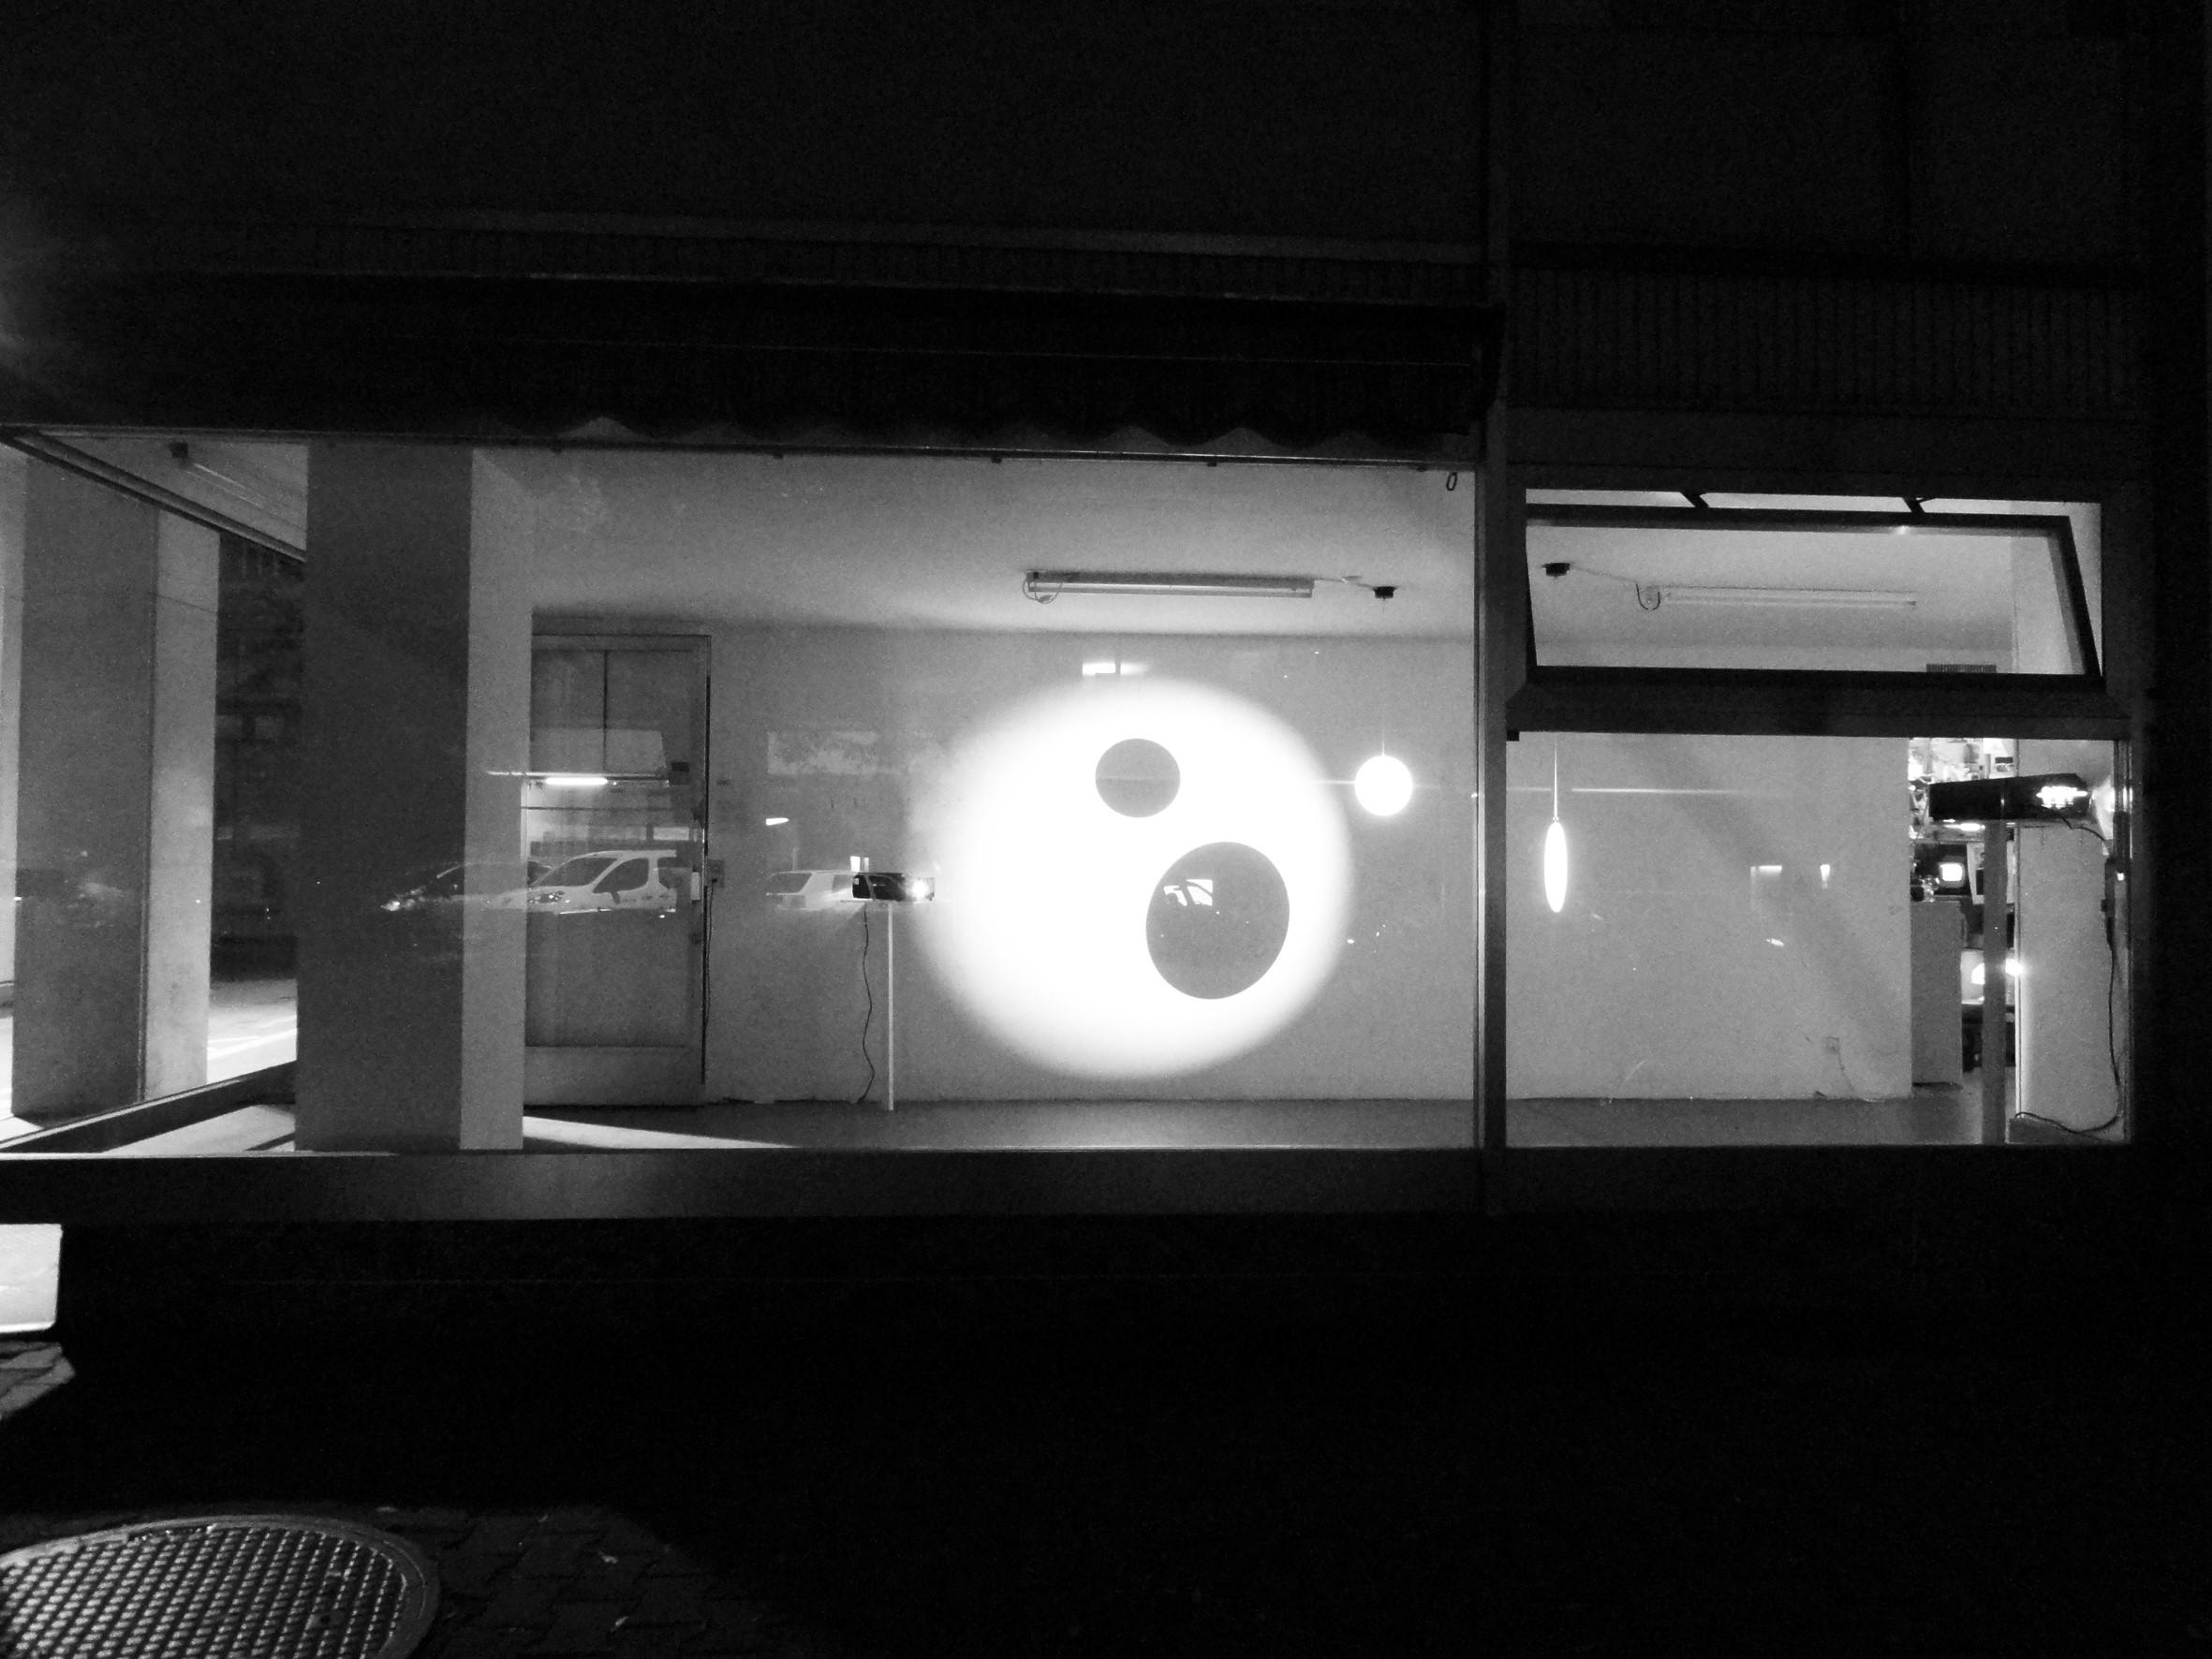 Dans une salle blanche avec deux grandes fenêtres, deux projecteurs sont installés qui projettent des formes rondes sur le mur.